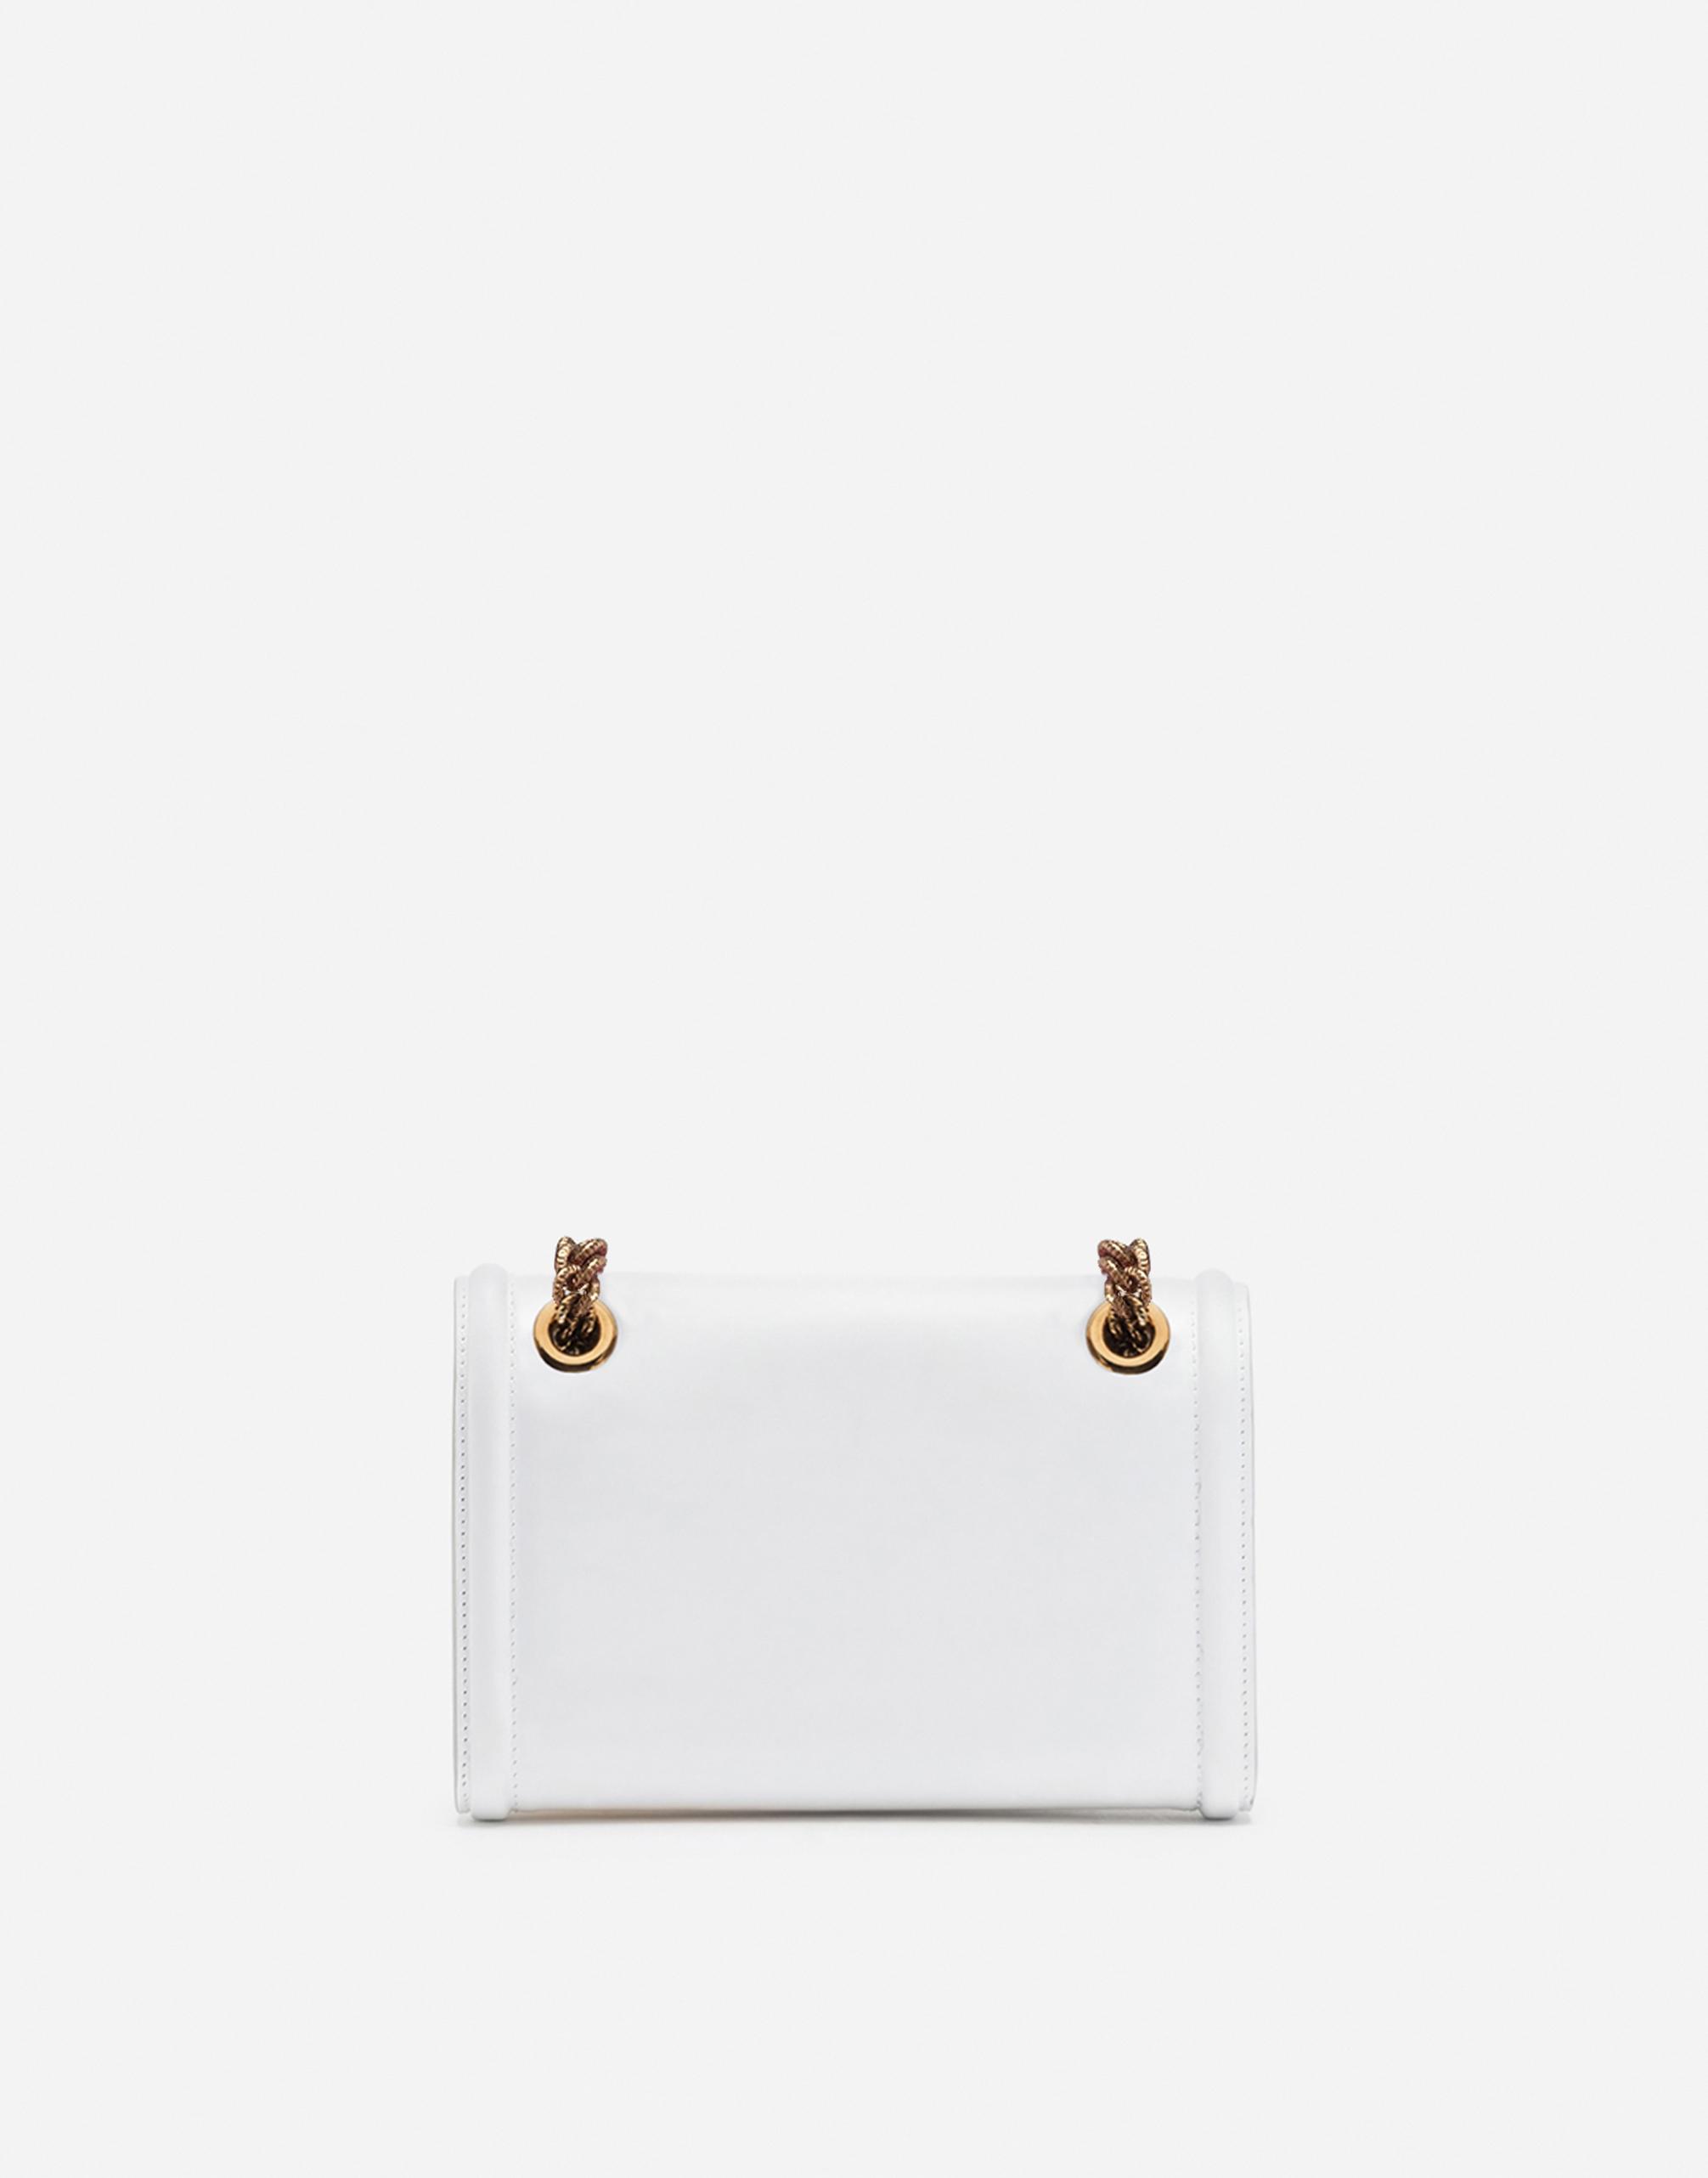 Dolce&Gabbana MINI DEVOTION BAG IN SMOOTH CALFSKIN